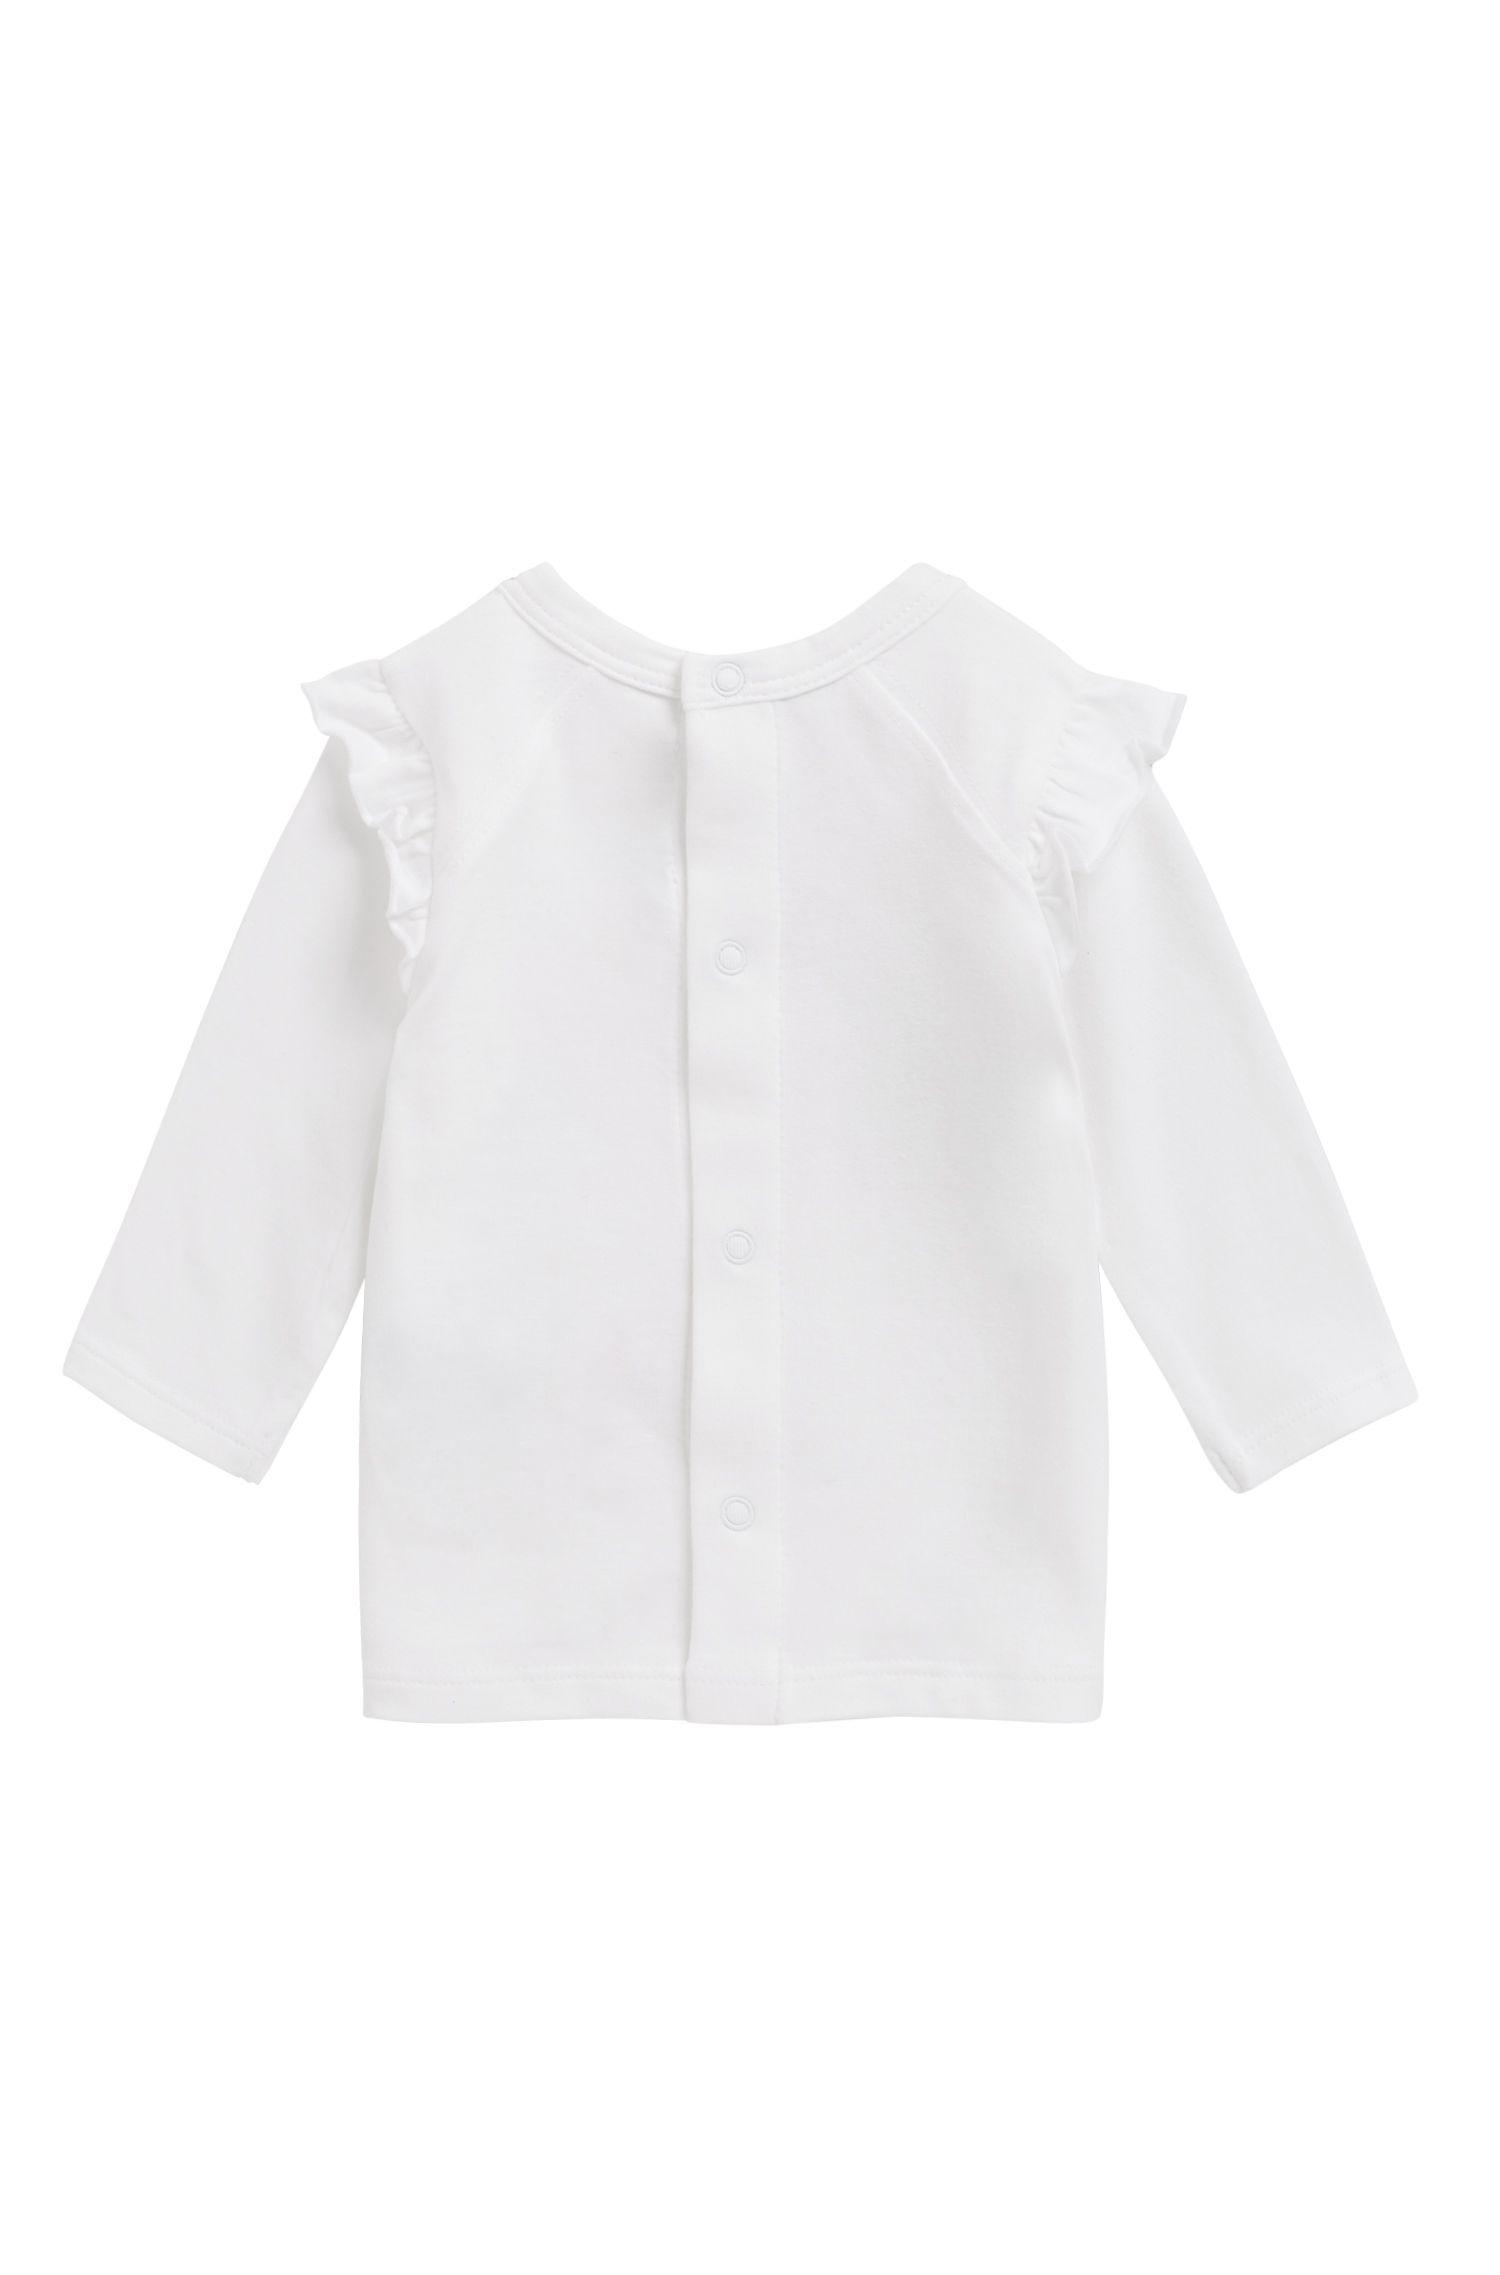 Camiseta para bebé en punto de algodón elástico con logotipo estampado, Blanco